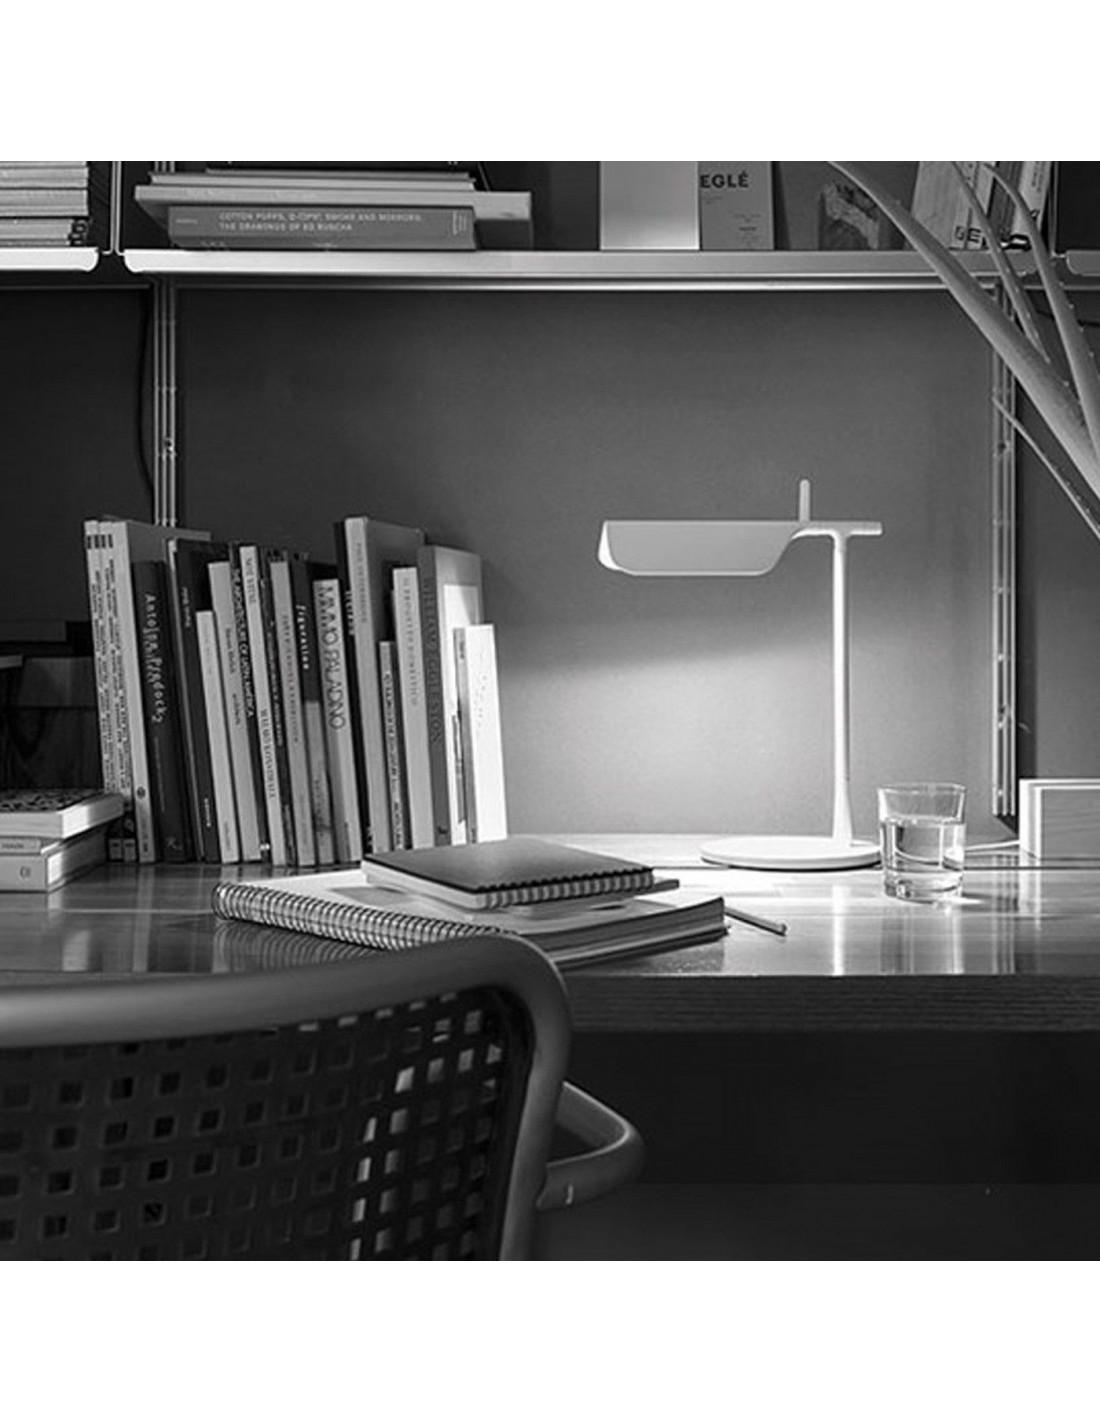 Lampe de table Tab T LED blanche de flos Valente Design Edward Barder et Jay Osgerby sur bureau